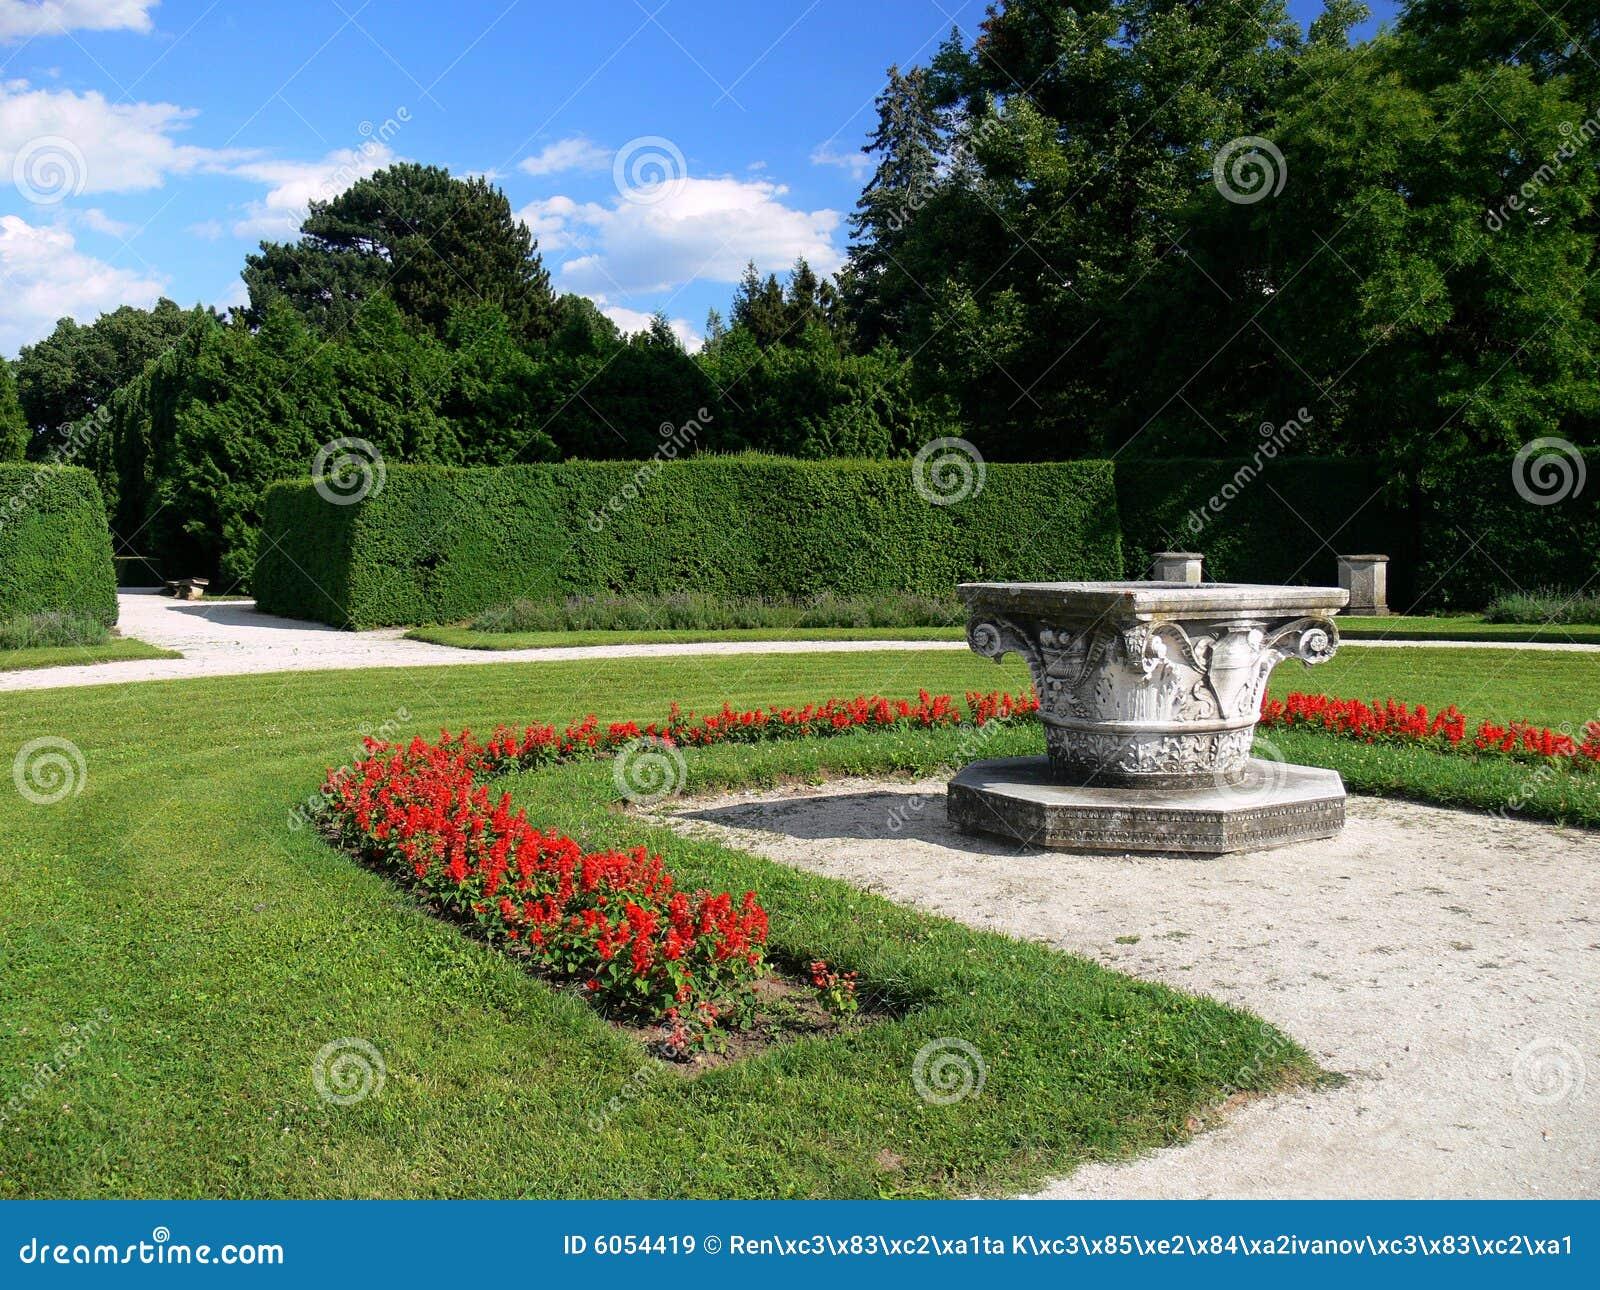 Park in Lednice